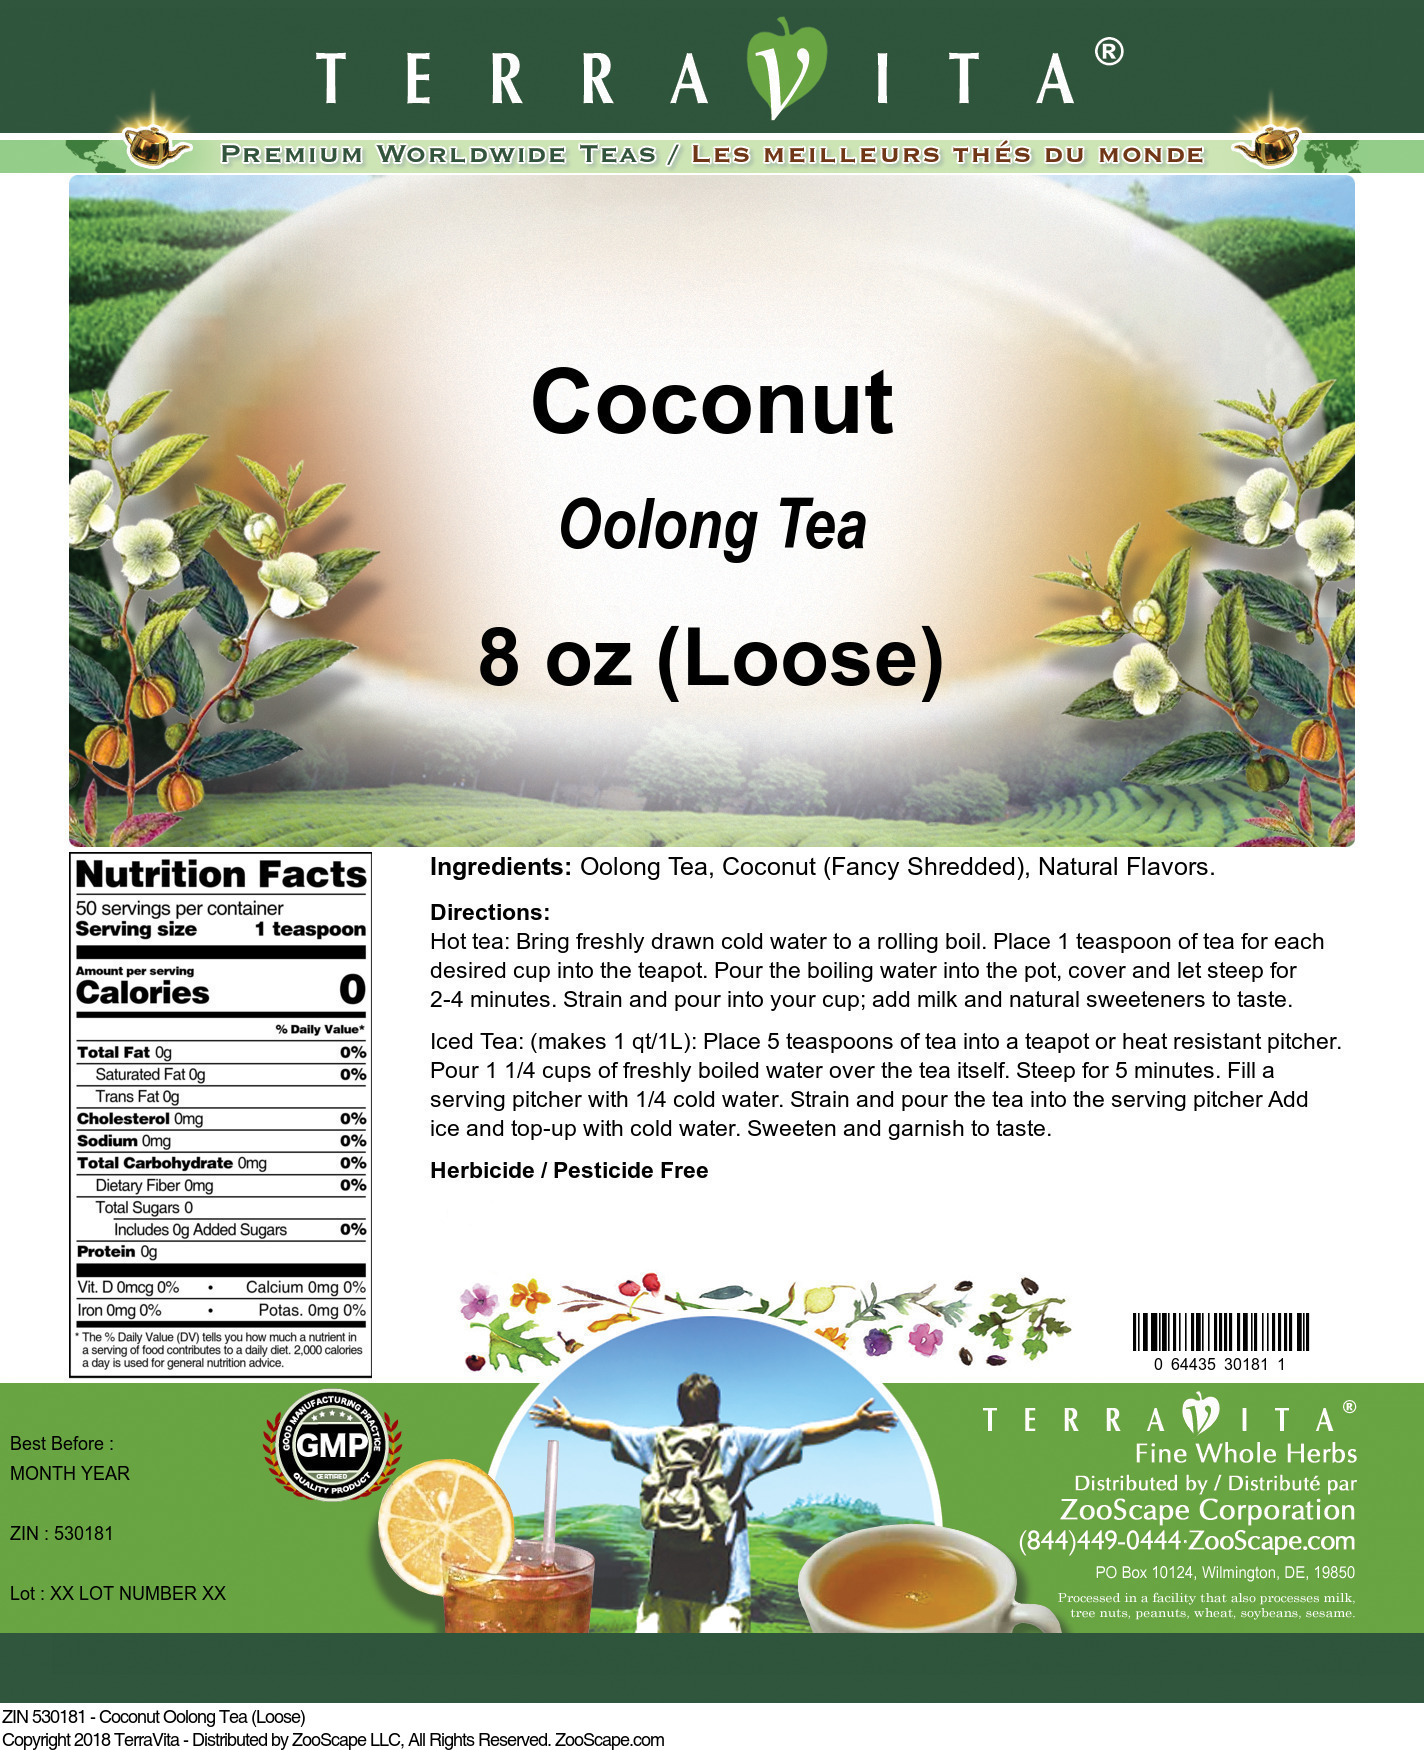 Coconut Oolong Tea (Loose)